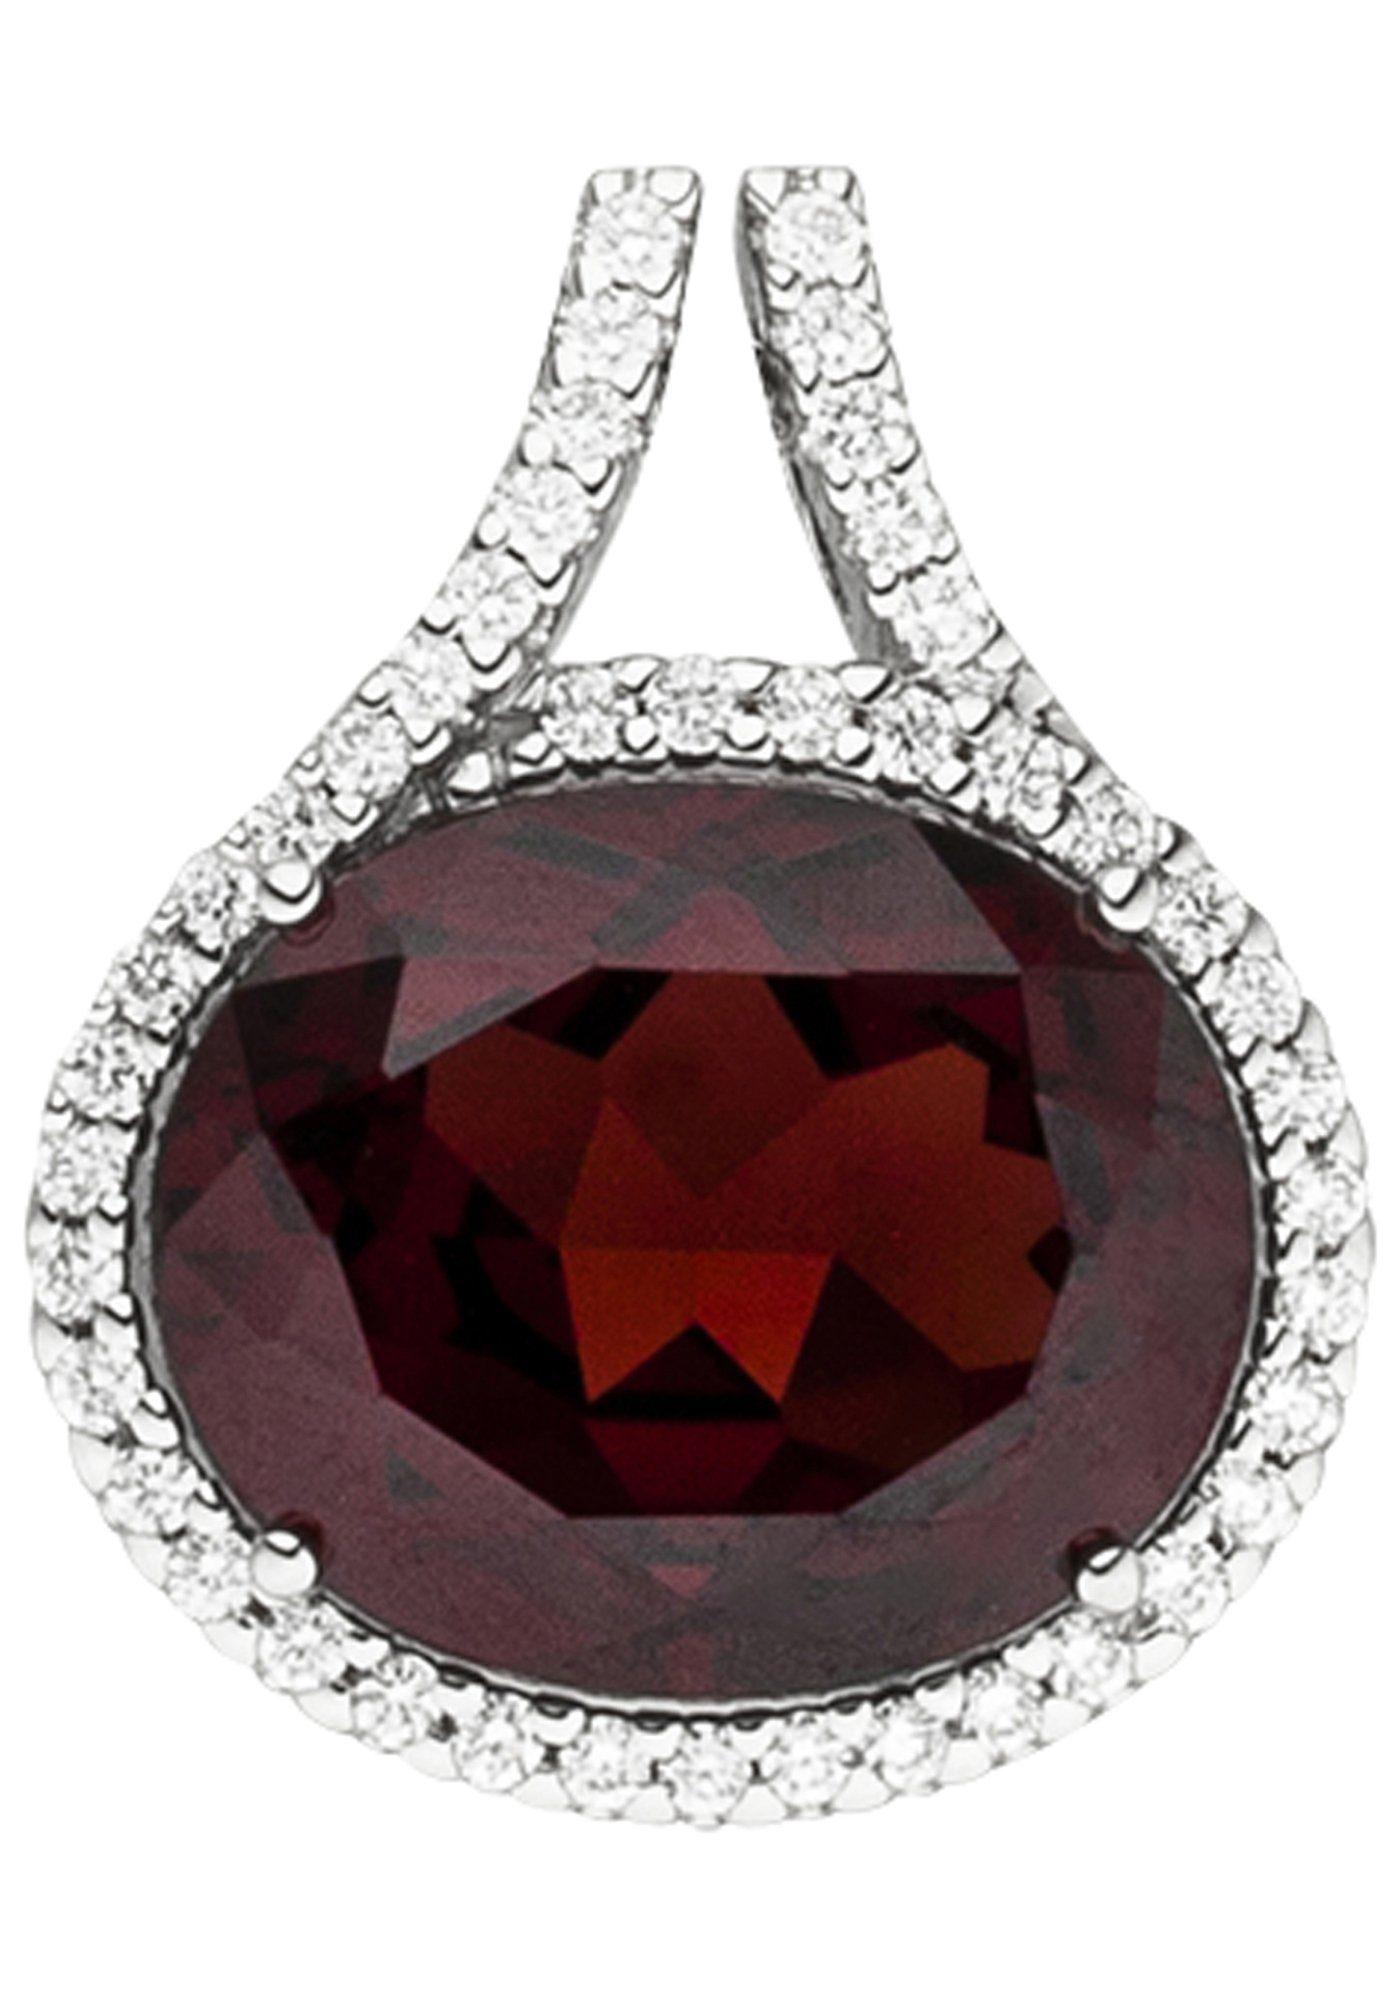 Und Online Kettenanhänger 44 Diamanten Mit Granat Jobo 585 Kaufen Weißgold thQrCsd